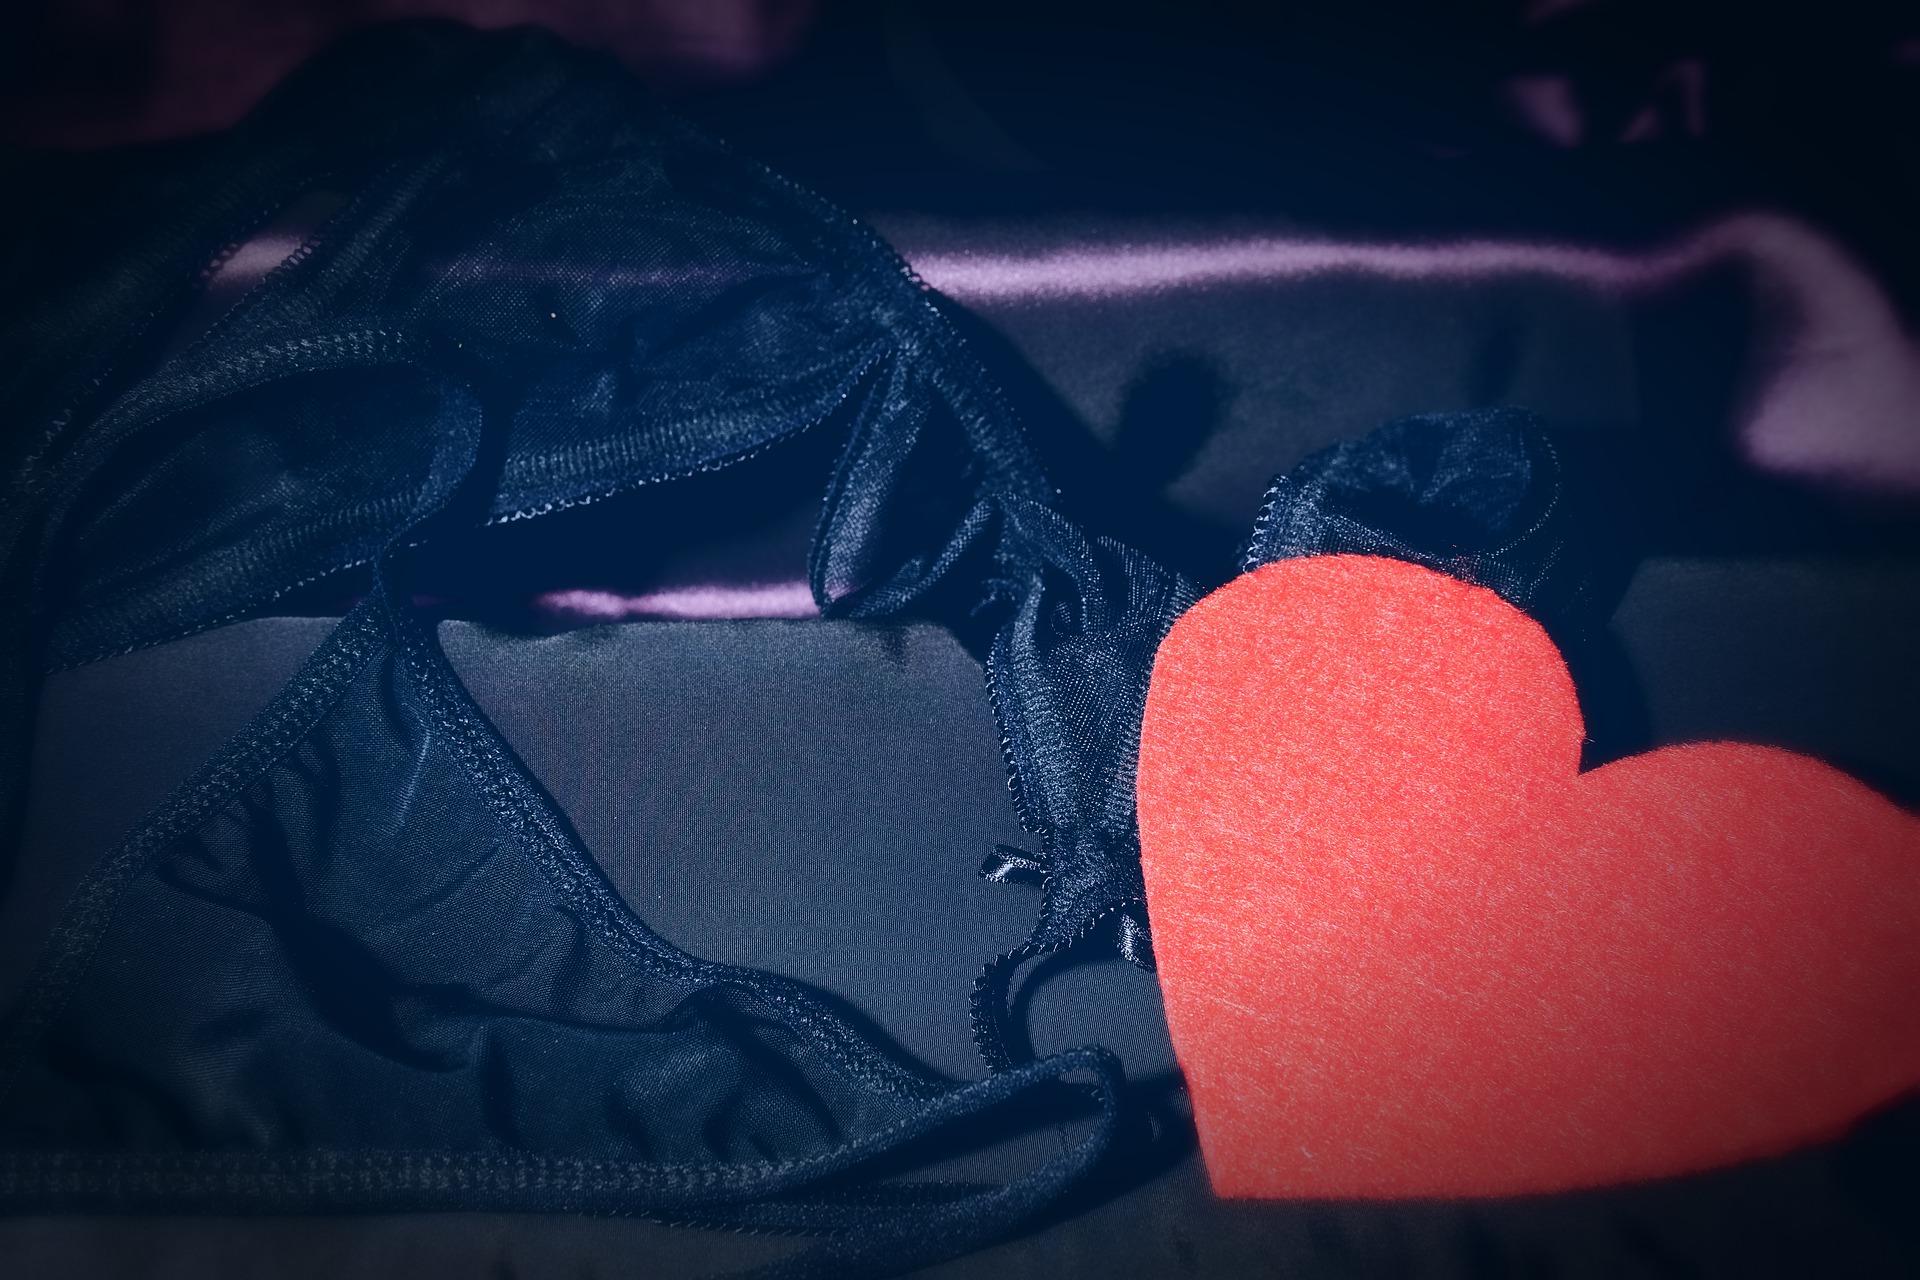 Lenceria y corazon